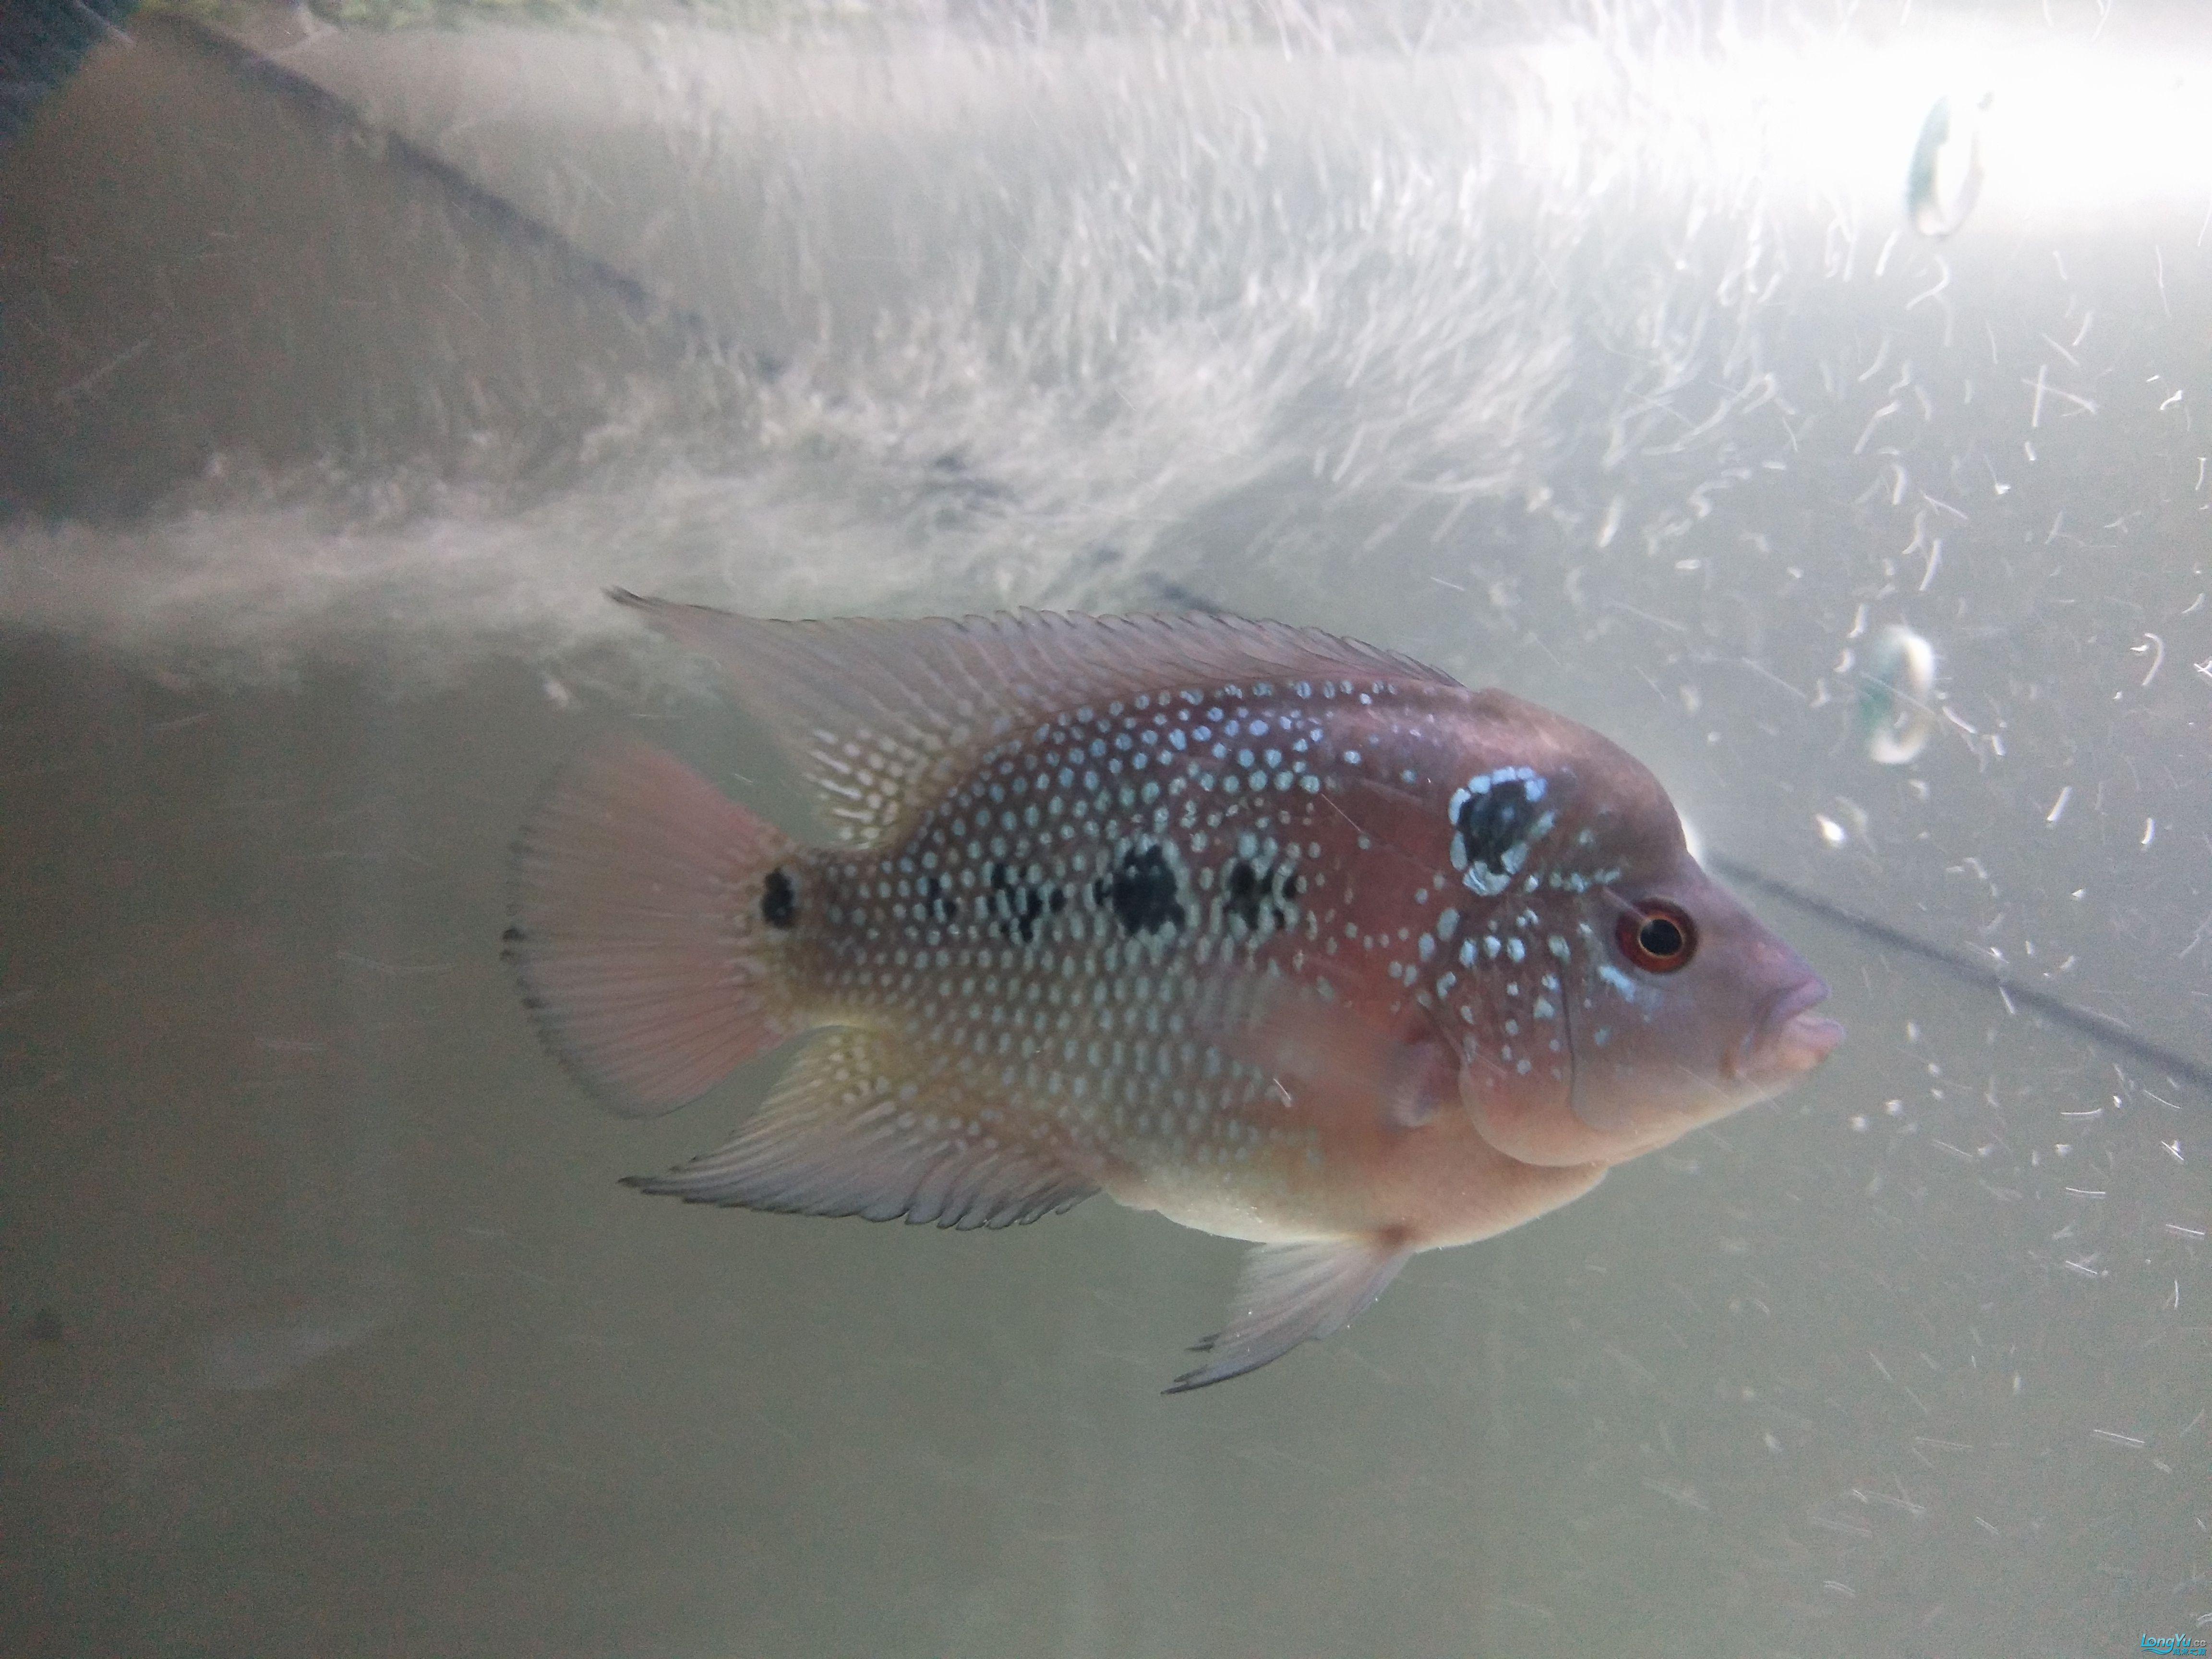 两条50天的罗汉这是什么品种有价值吗?? 北京观赏鱼 北京龙鱼第2张